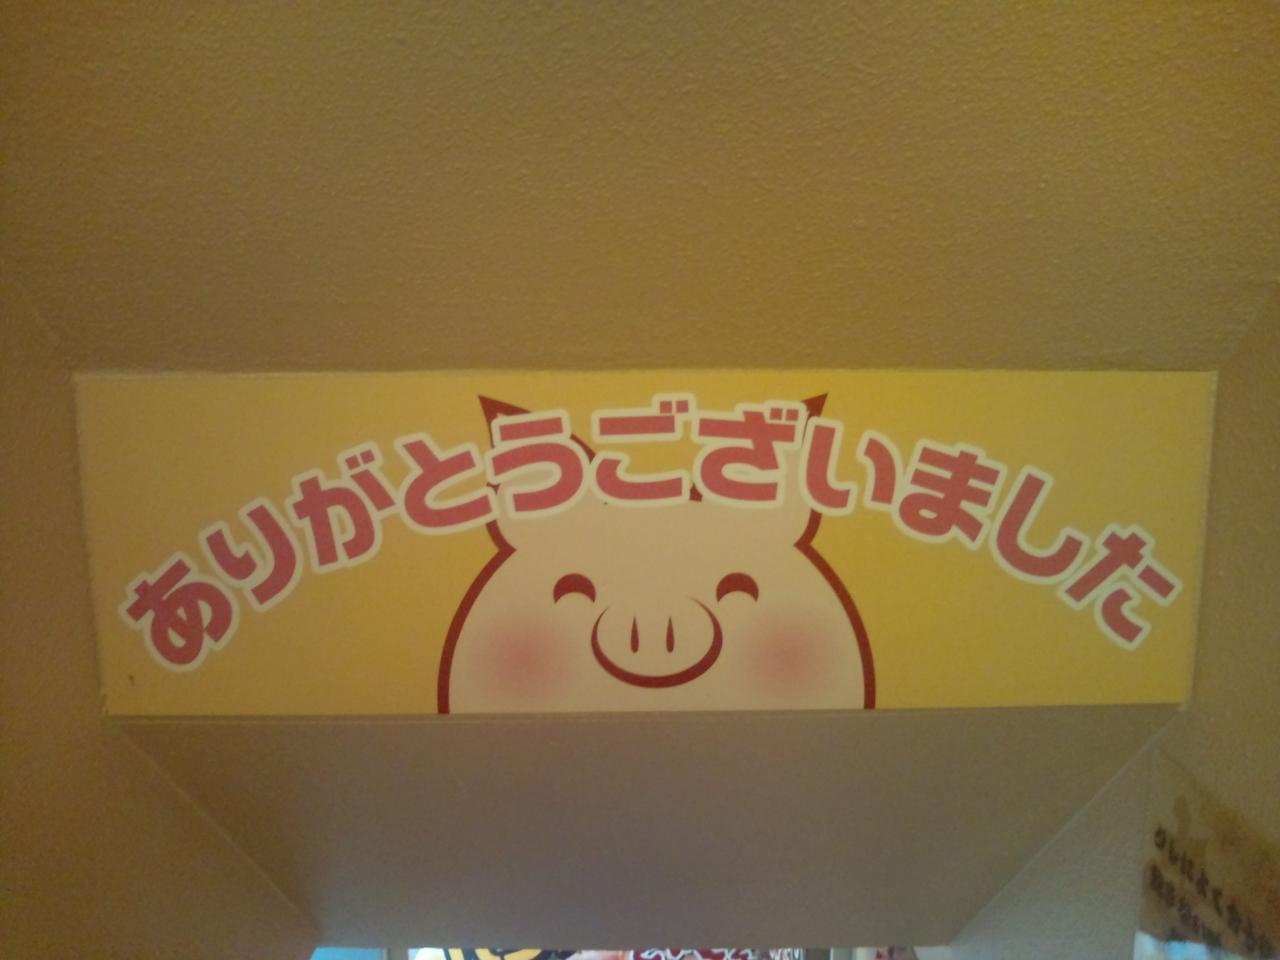 すためし三鷹店(店舗外観)